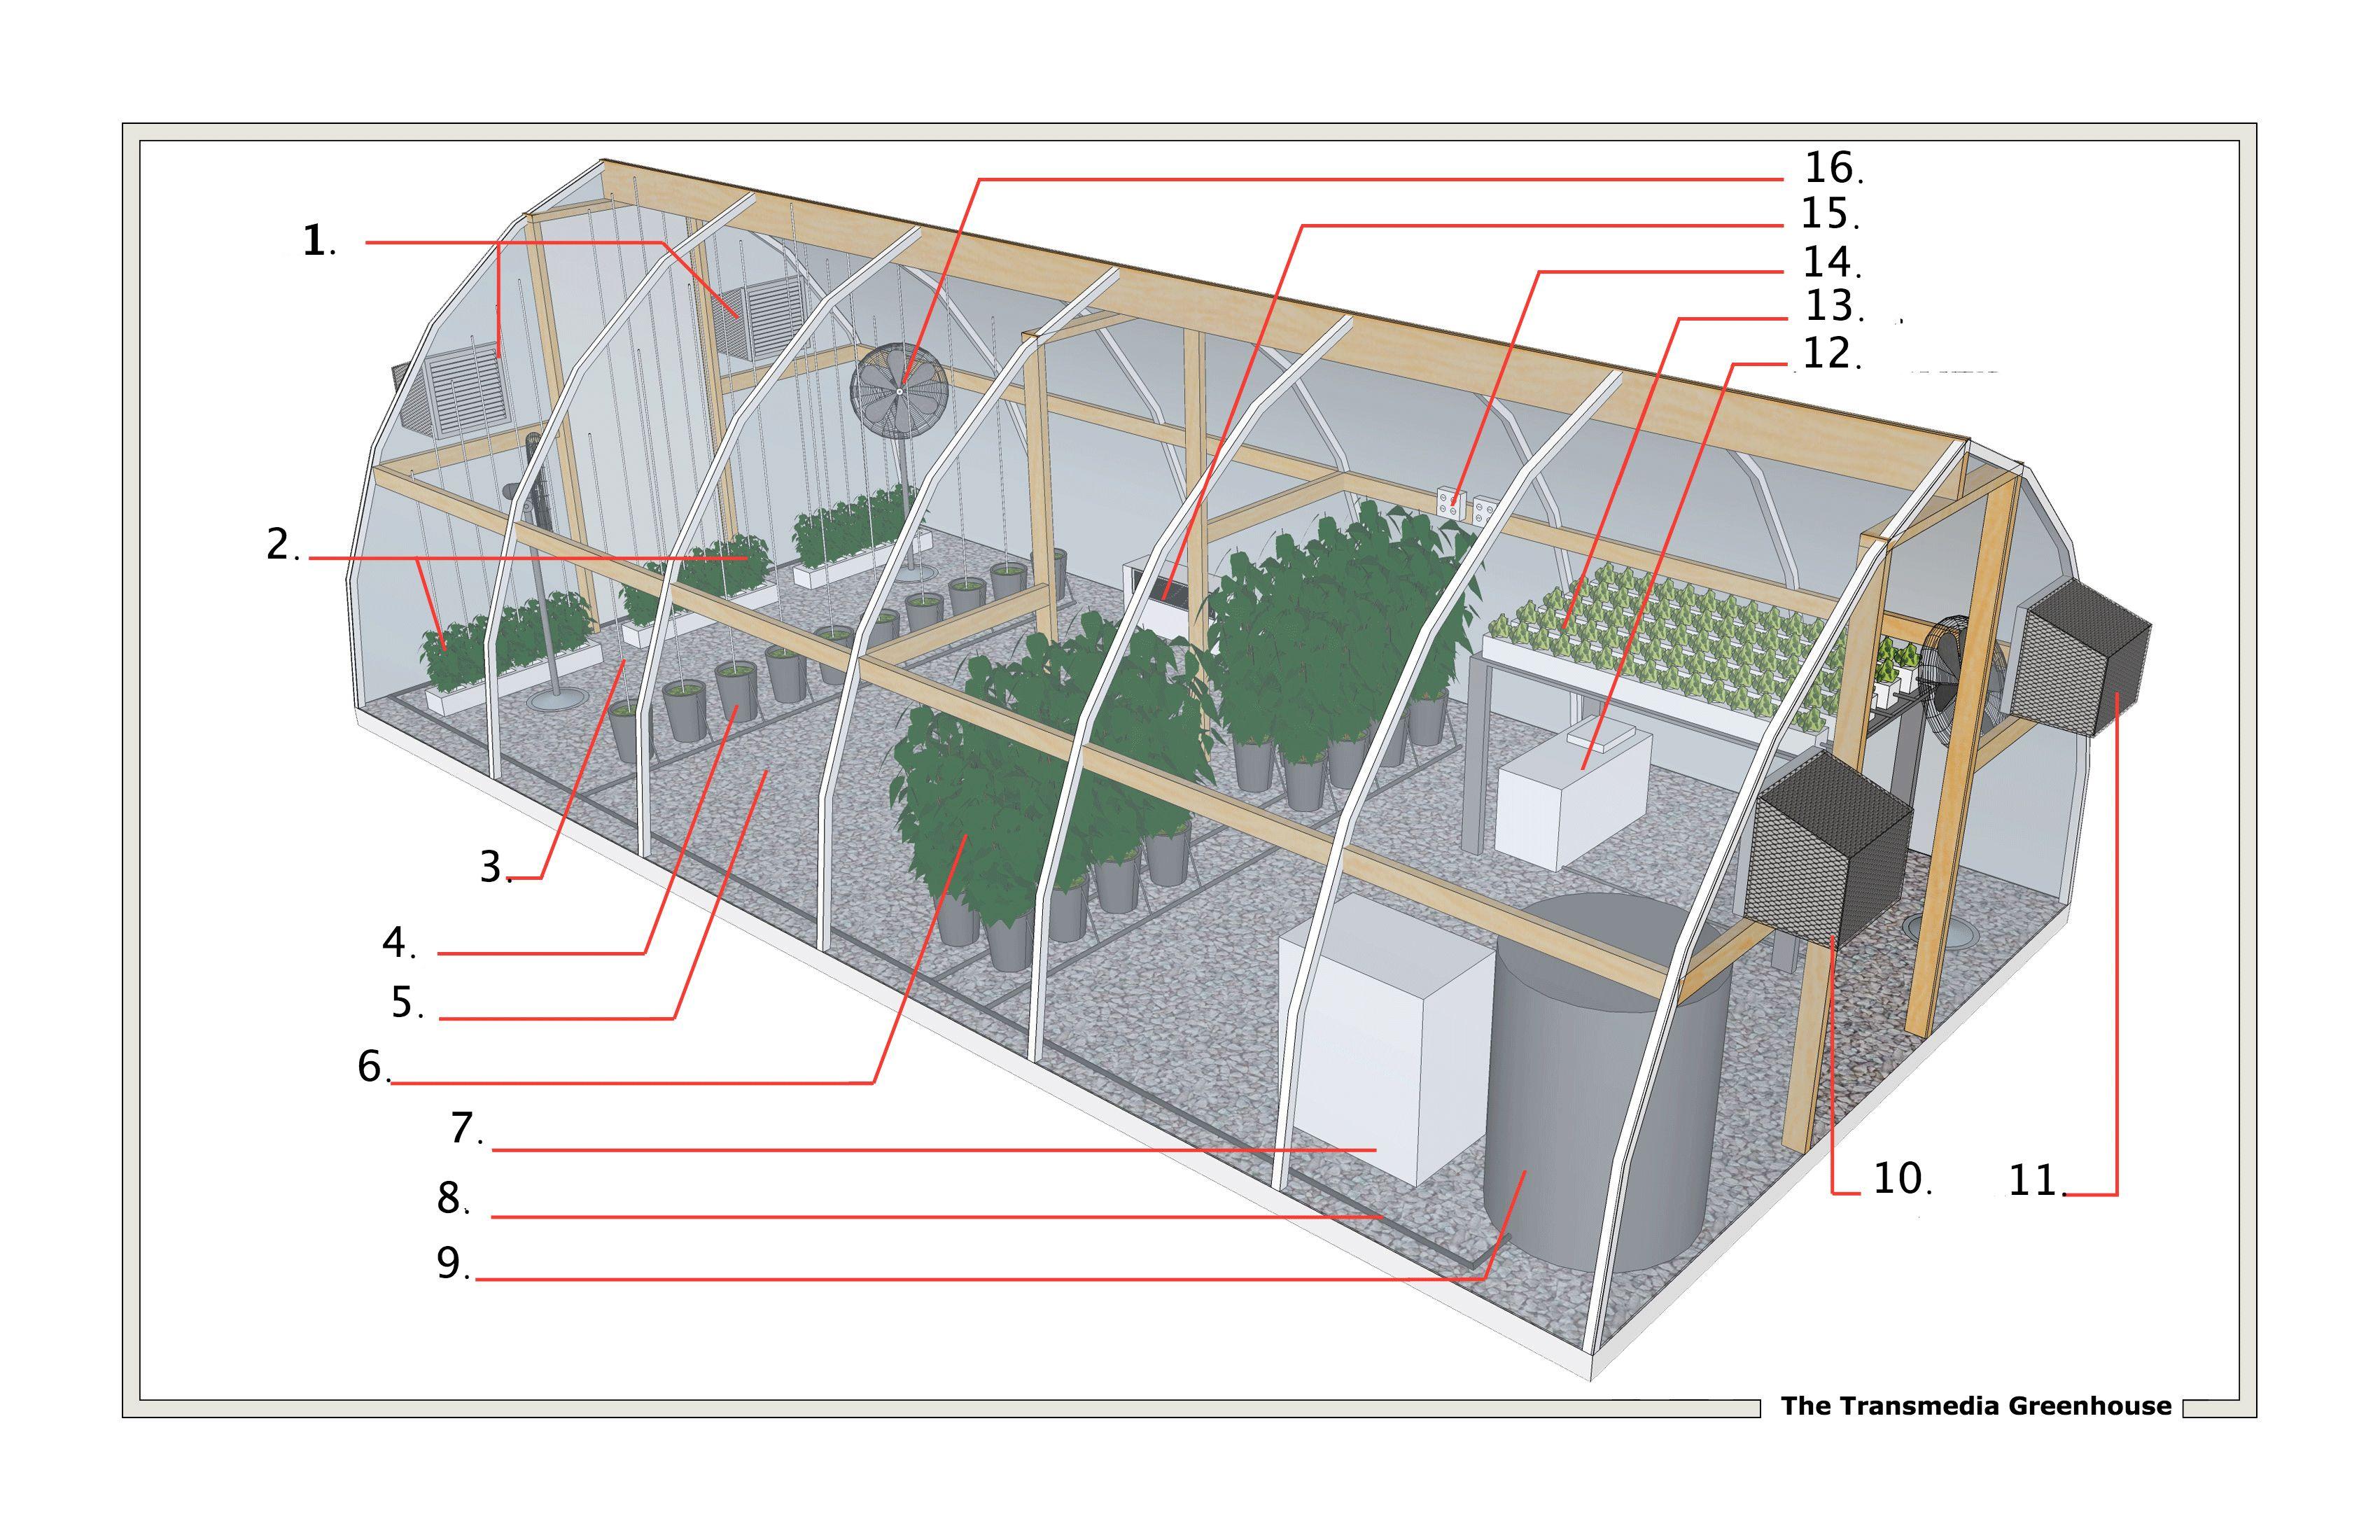 10 Claves Para Construir Un Invernadero Hidroponico A La Hora De Construir Y Equipar Un Inve Como Construir Un Invernadero Construir Un Invernadero Invernadero